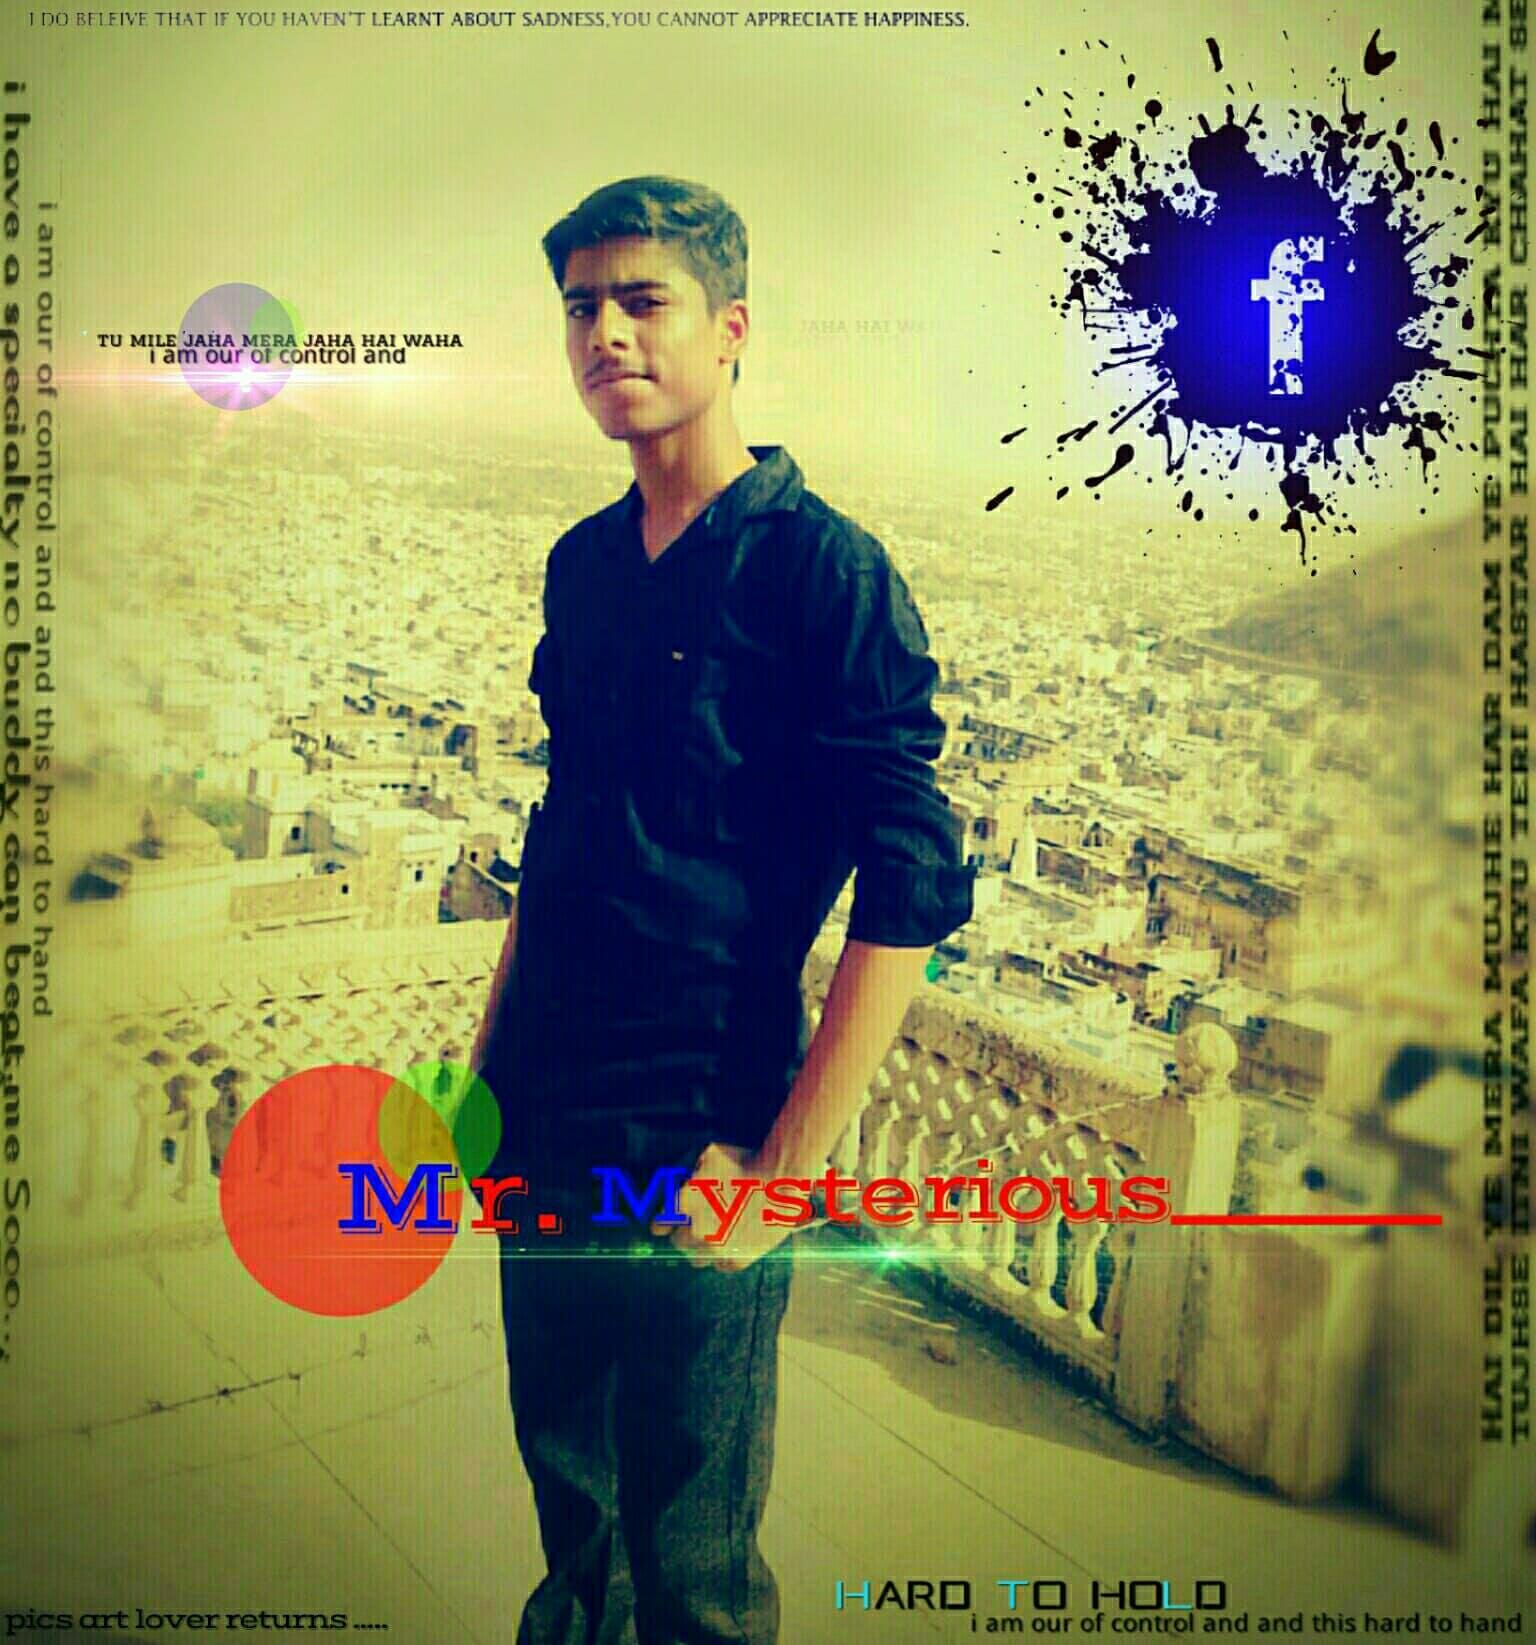 Harshraj22